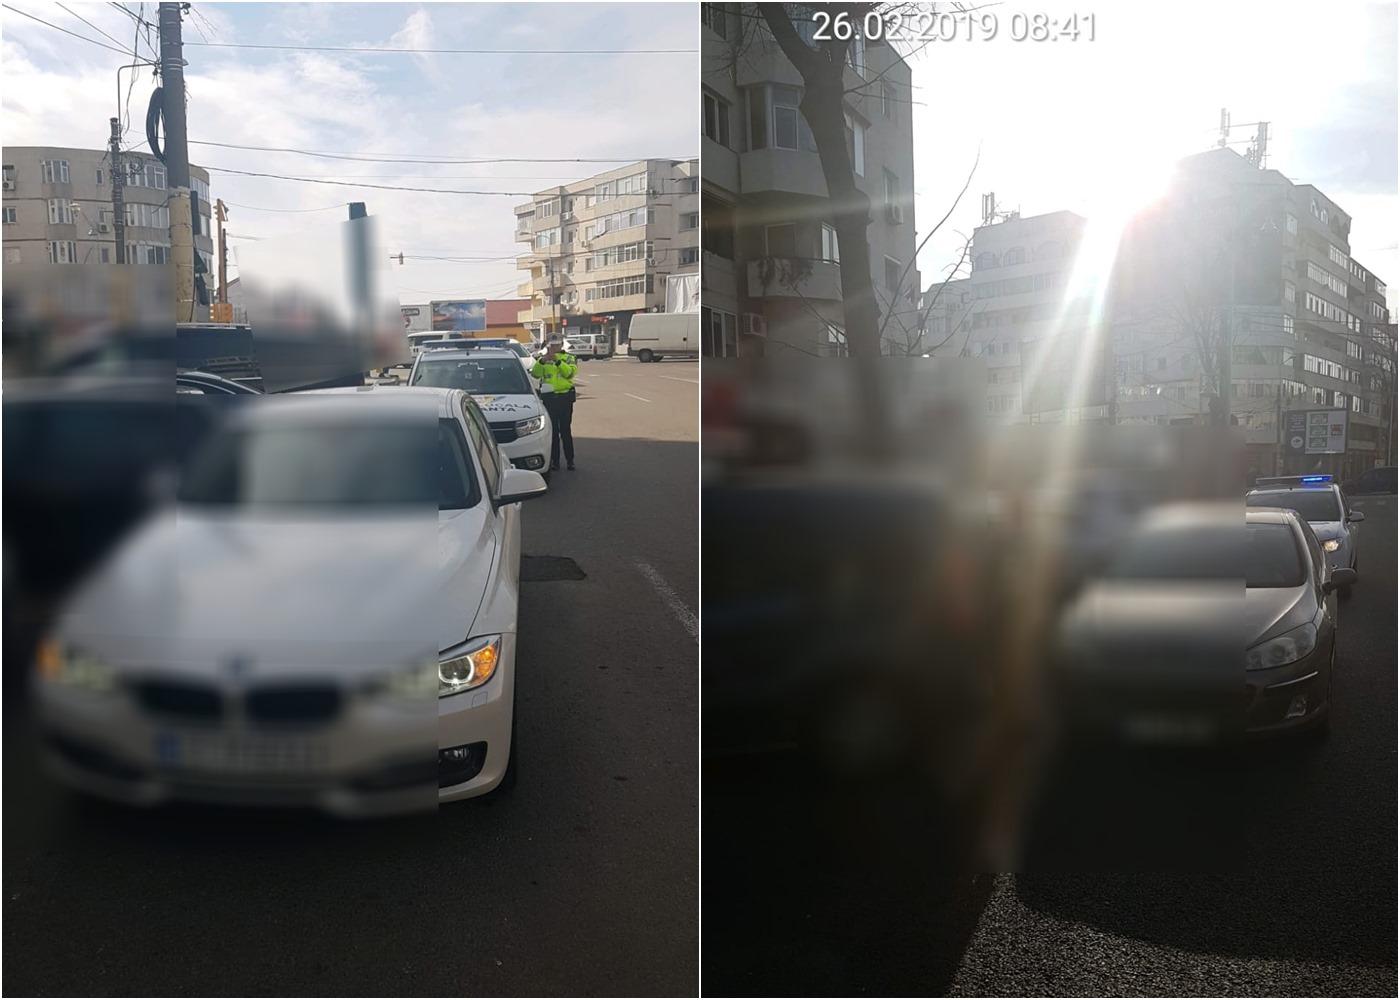 Poliția locală Constanța, 210 amenzi în data de 26 februarie